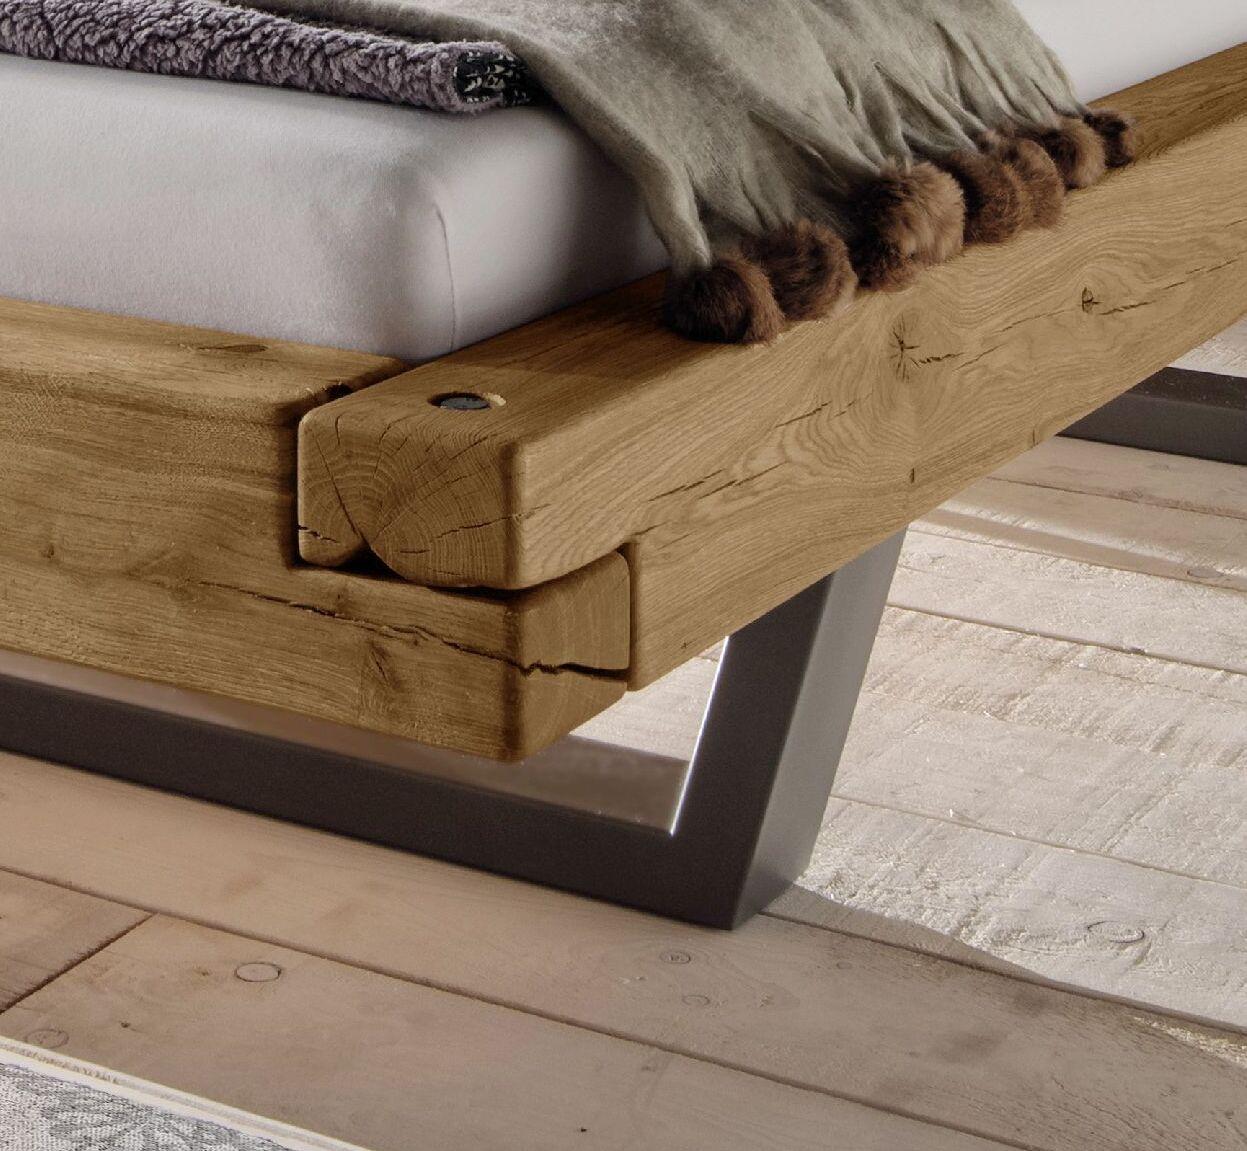 schwebebett mit massiven vollholz balken aus wildeiche. Black Bedroom Furniture Sets. Home Design Ideas